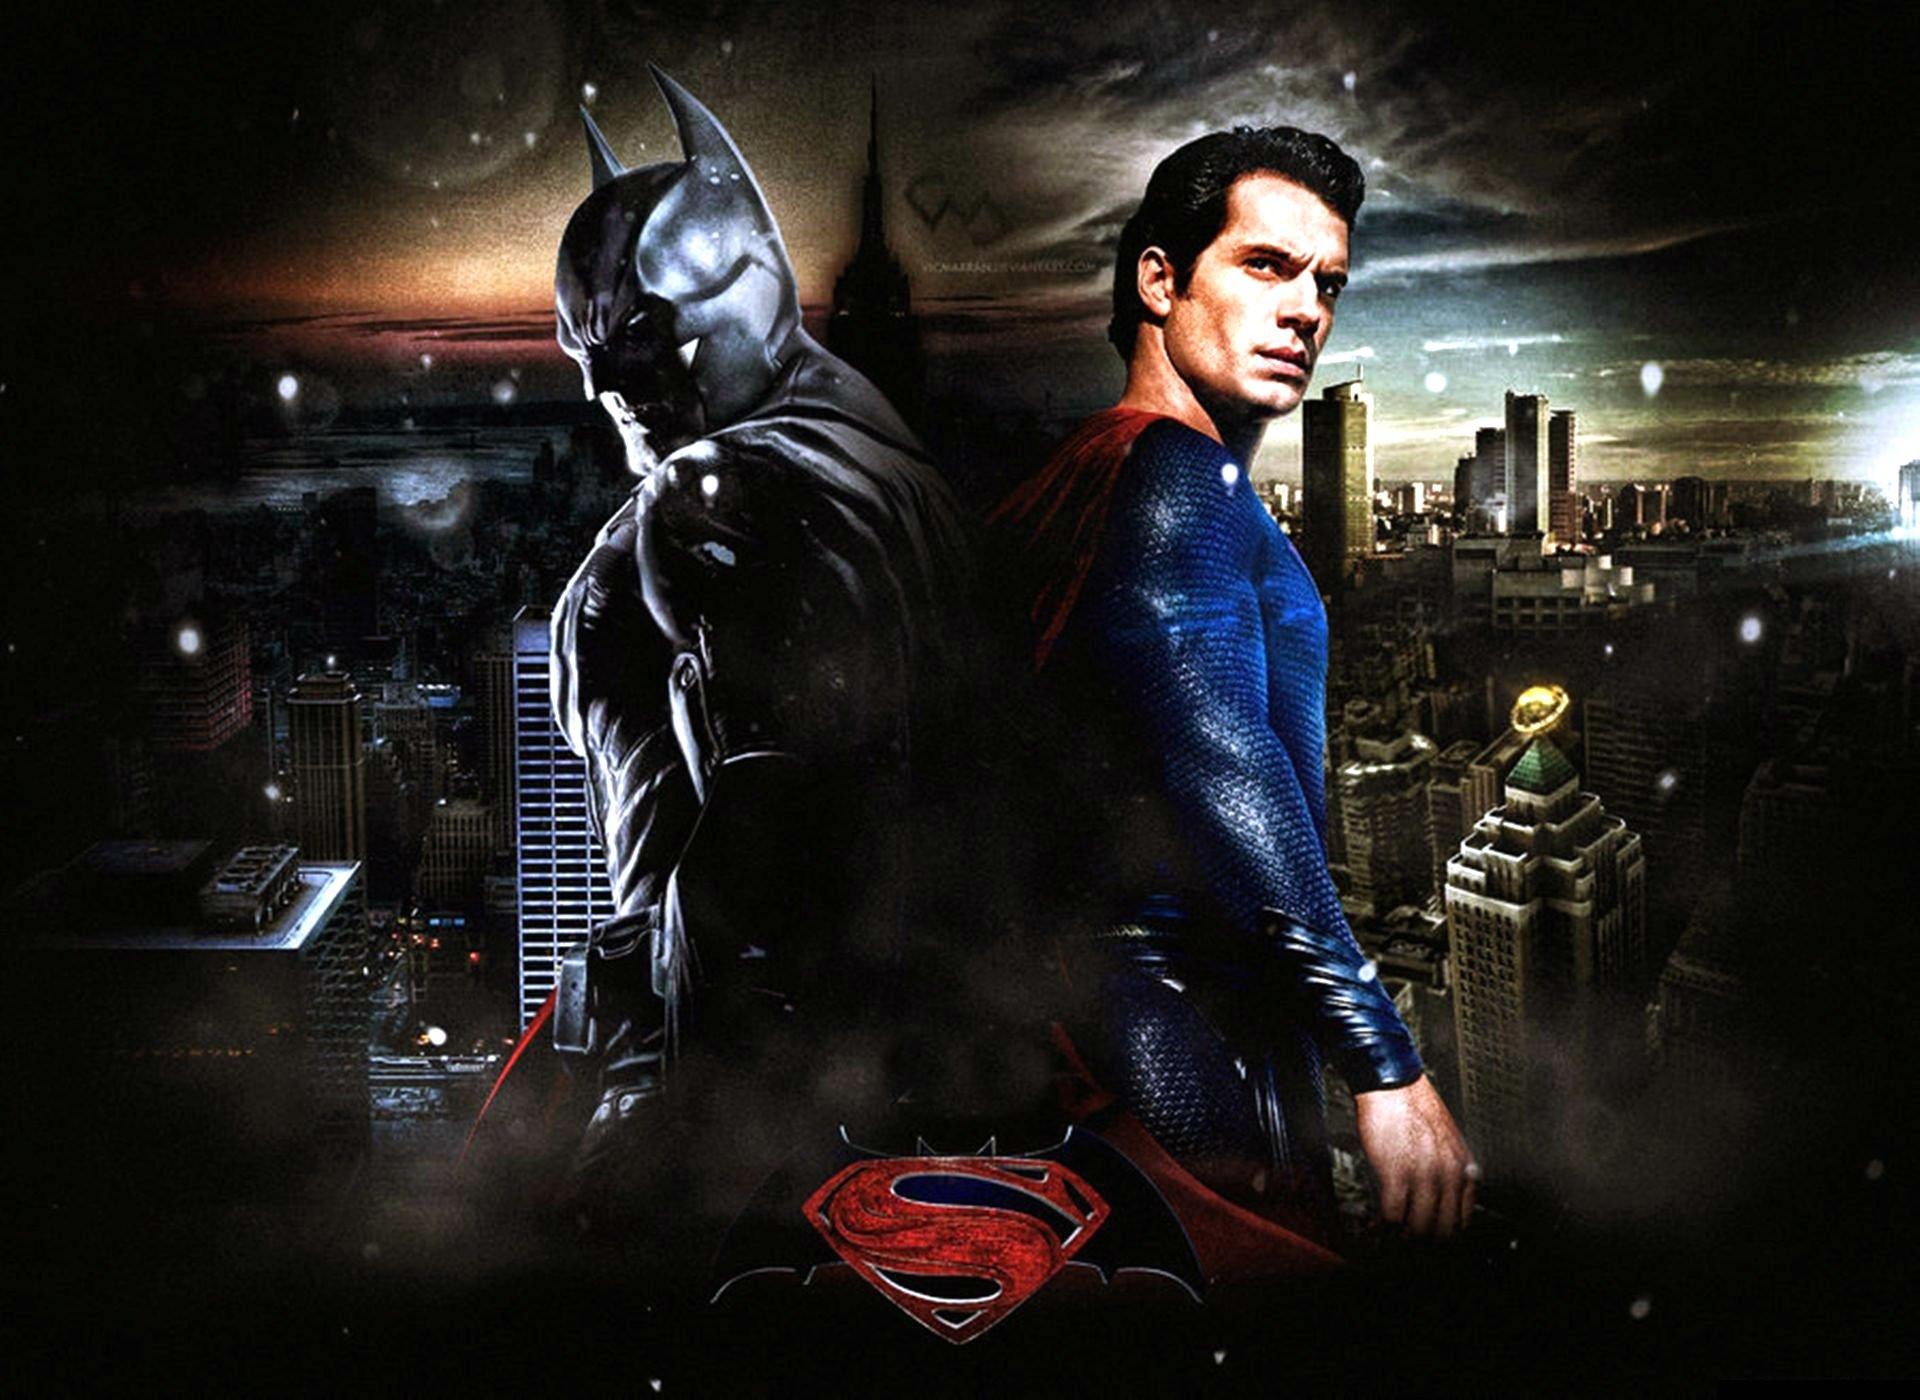 Batman Vs Superman Wallpaper 3d - HD Wallpaper